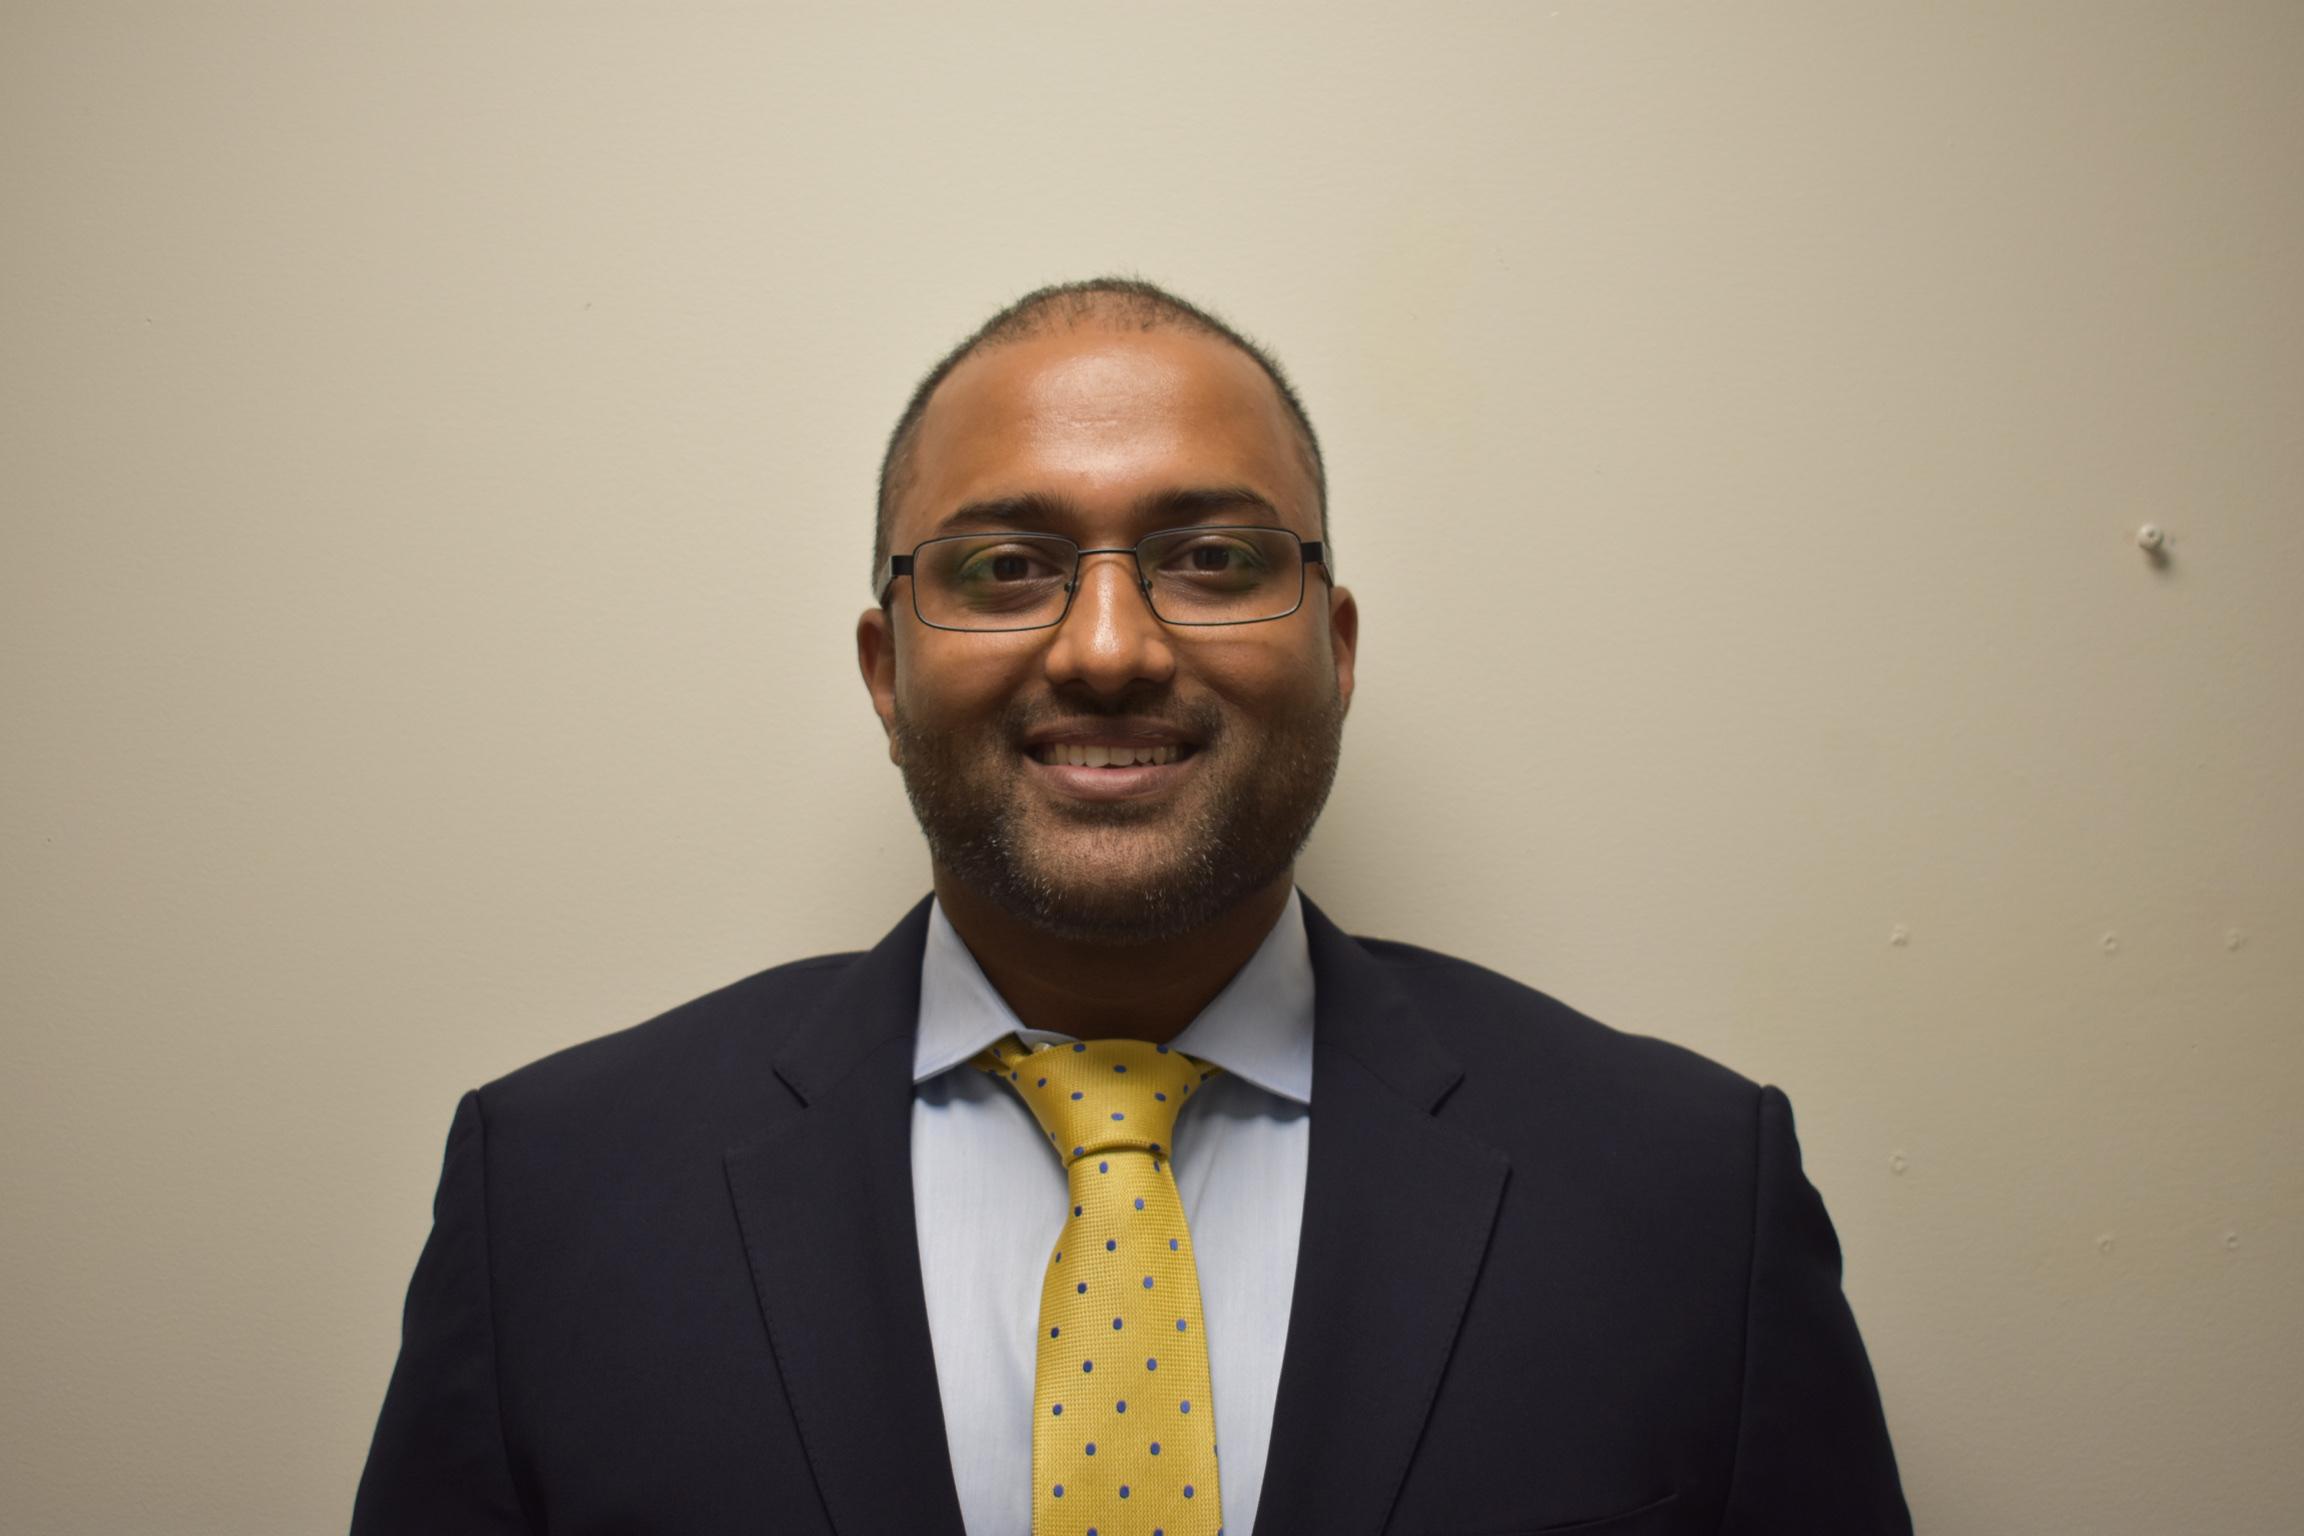 Dr. Abdussami Hadi, Physiatrist